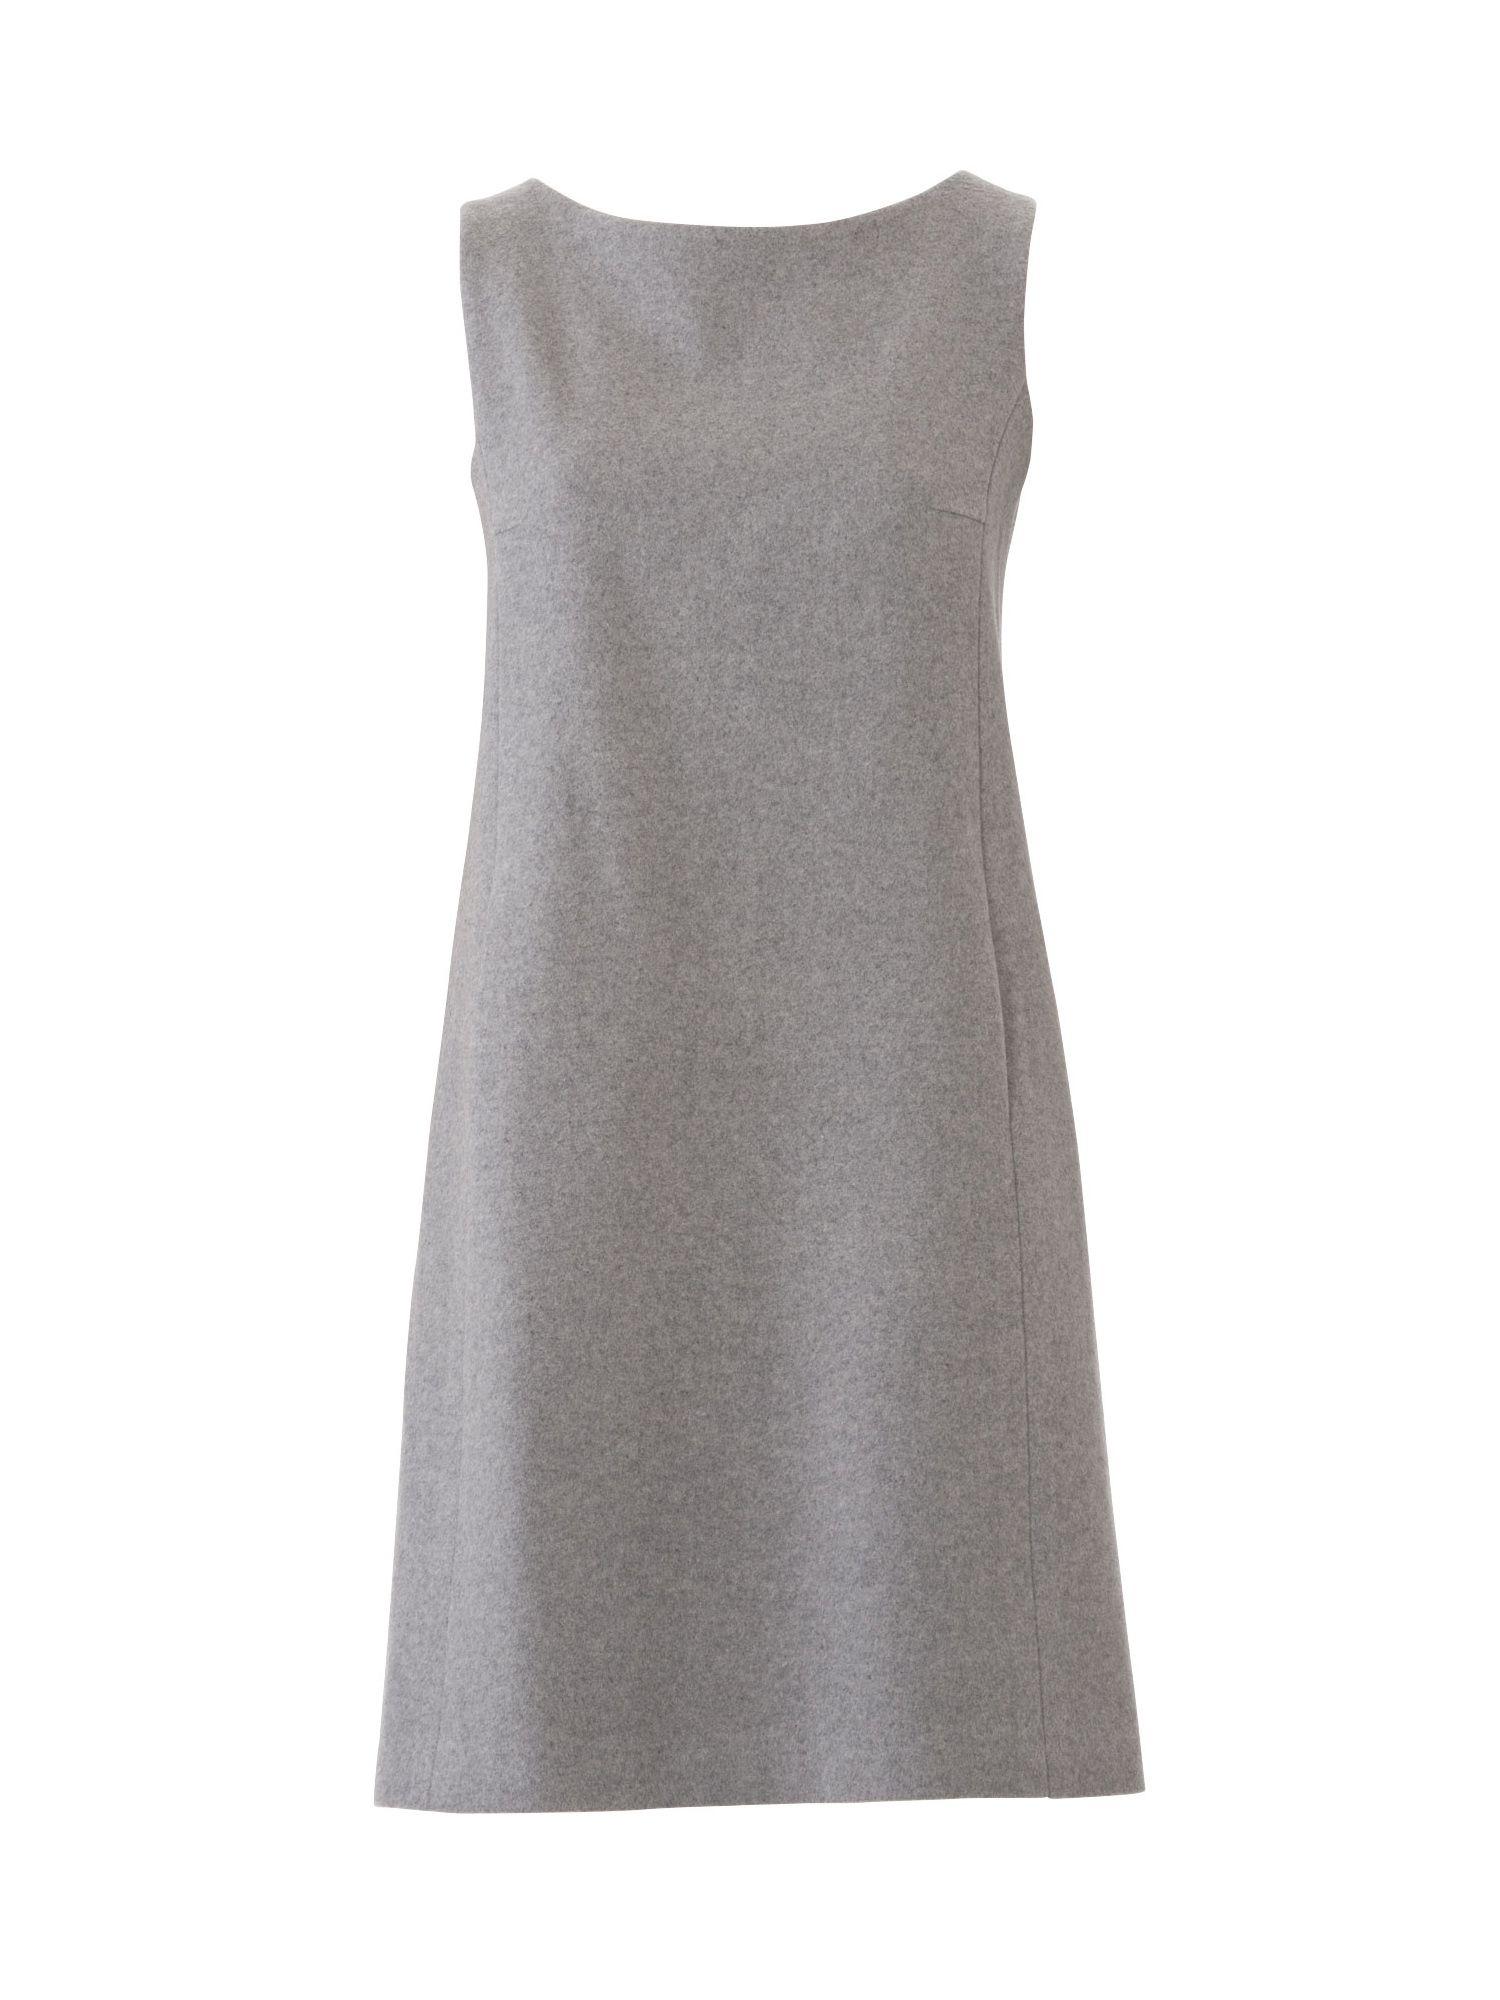 4c8c5d76cd1 Платье приталенного силуэта - выкройка № 108 В из журнала 9 2015 Burda –  выкройки платьев на Burdastyle.ru